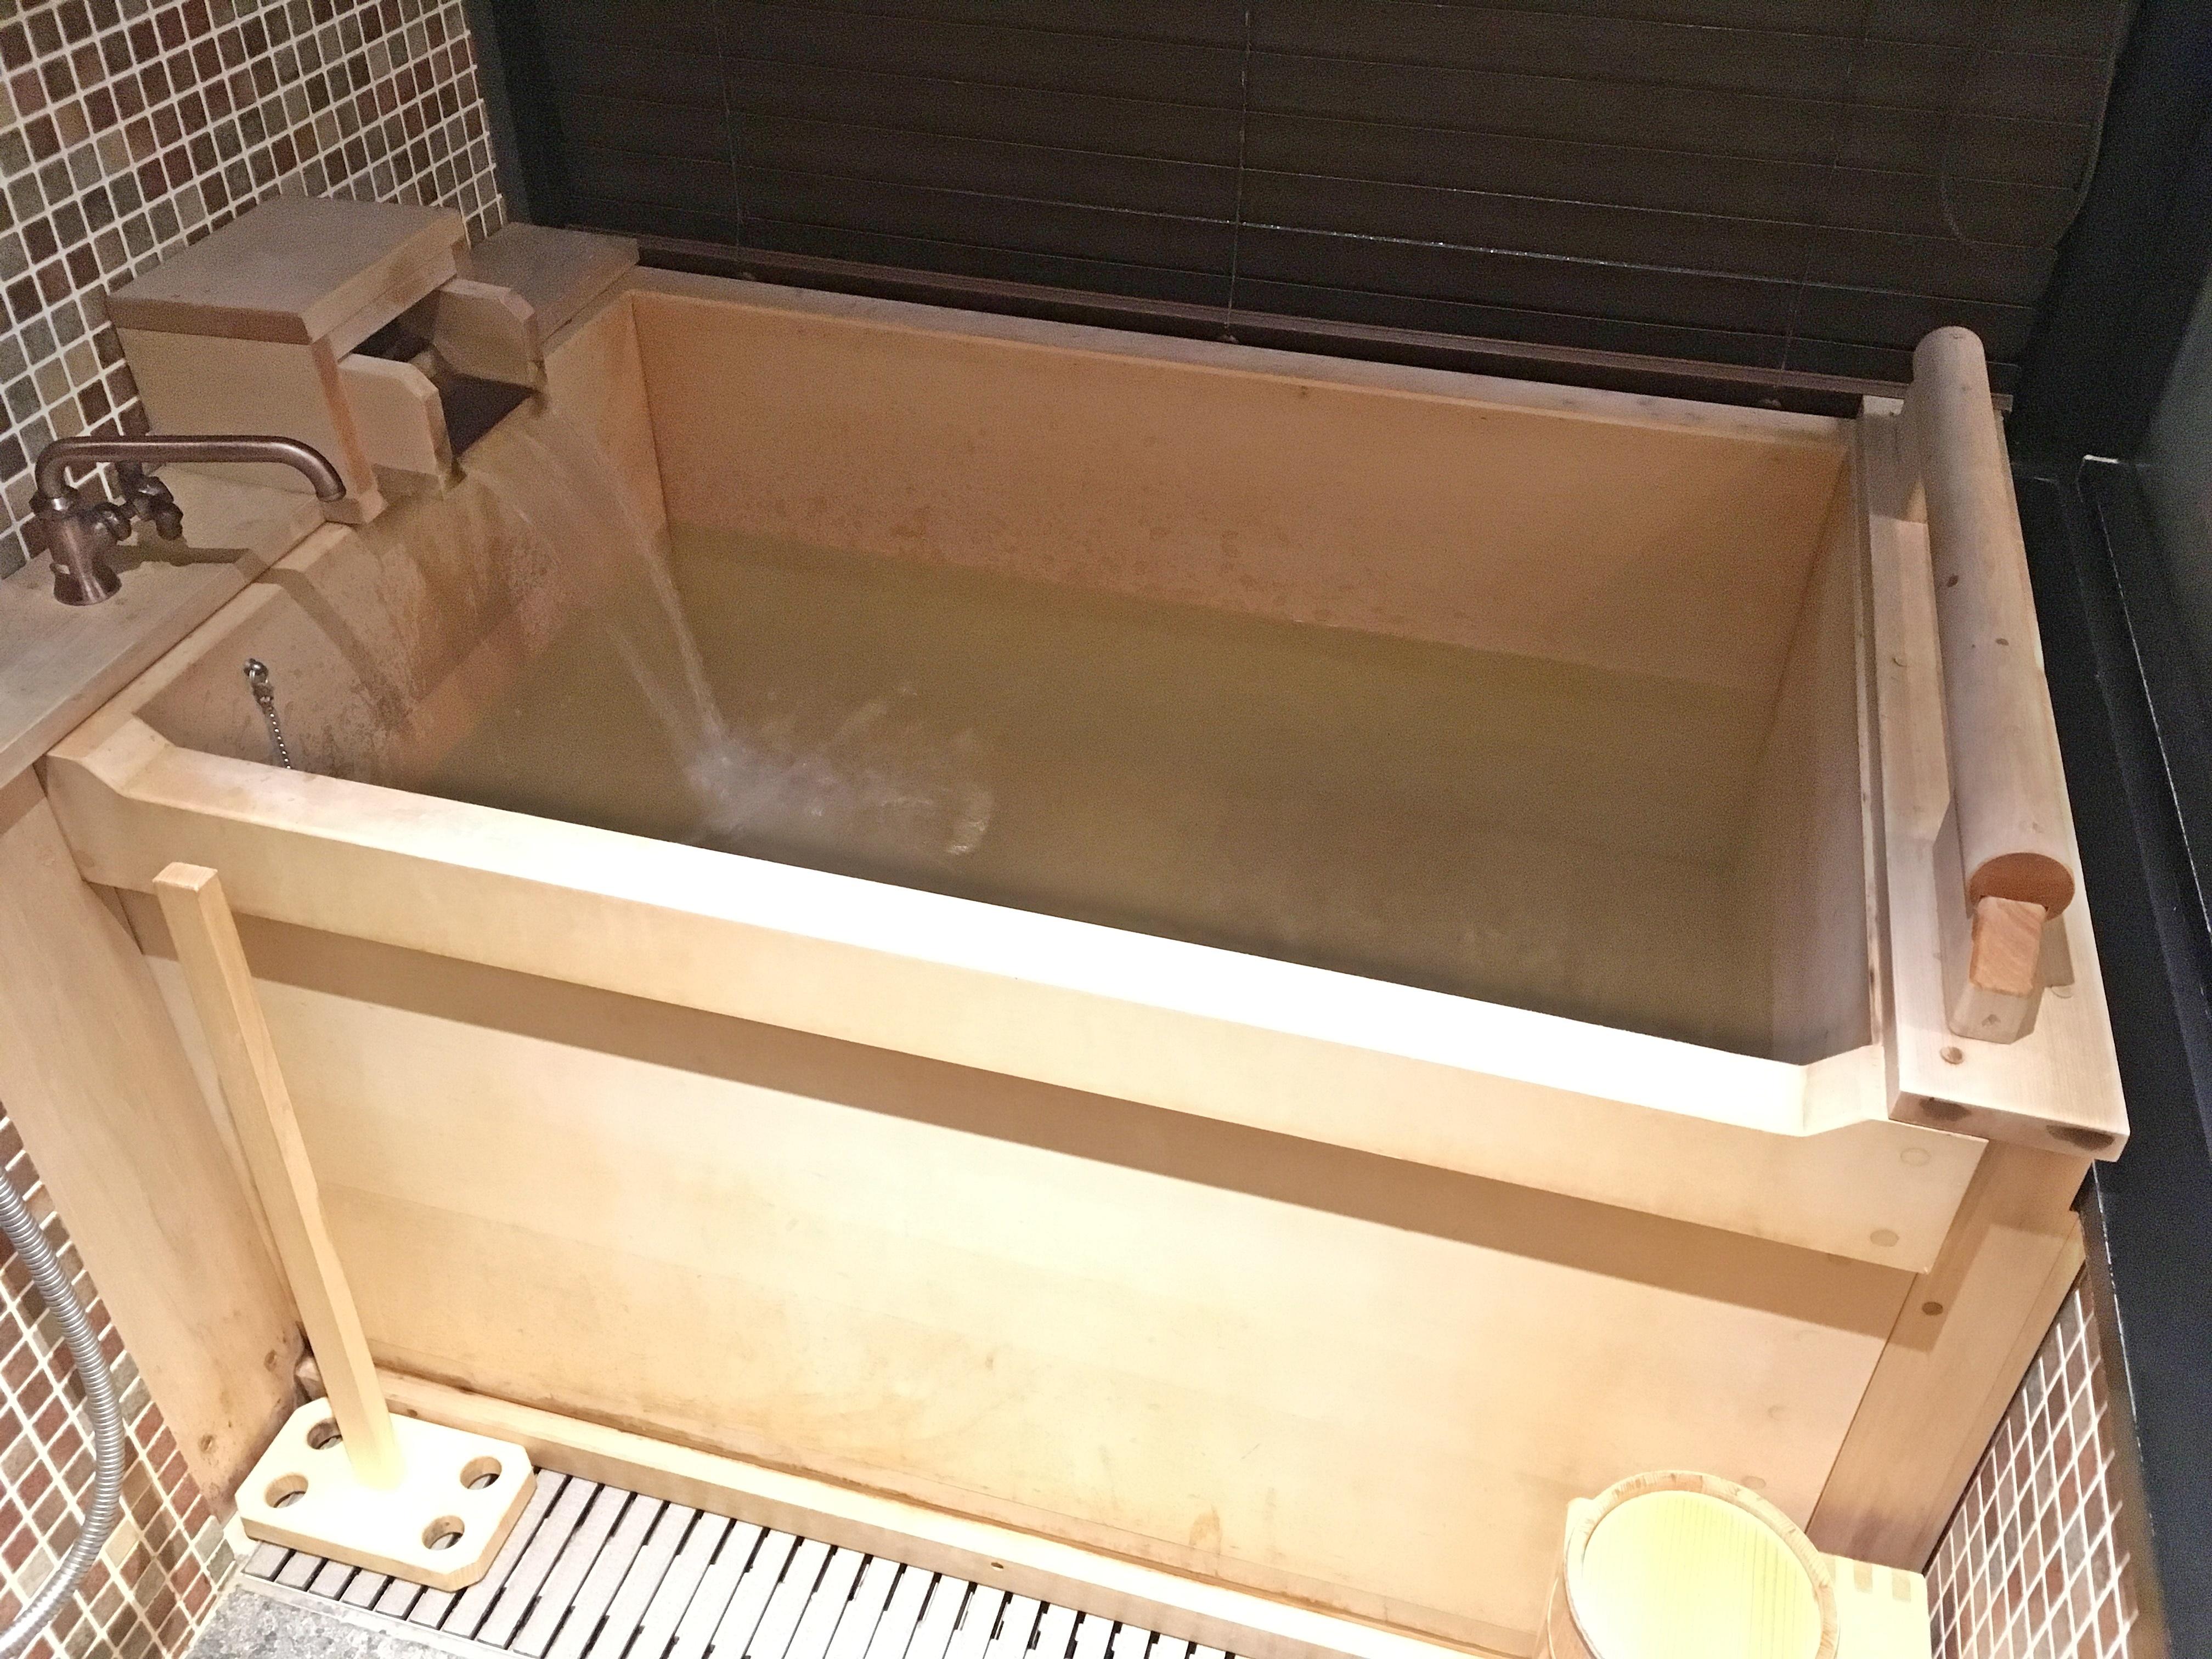 ラビスタ阿寒川 客室風呂_190215.JPG